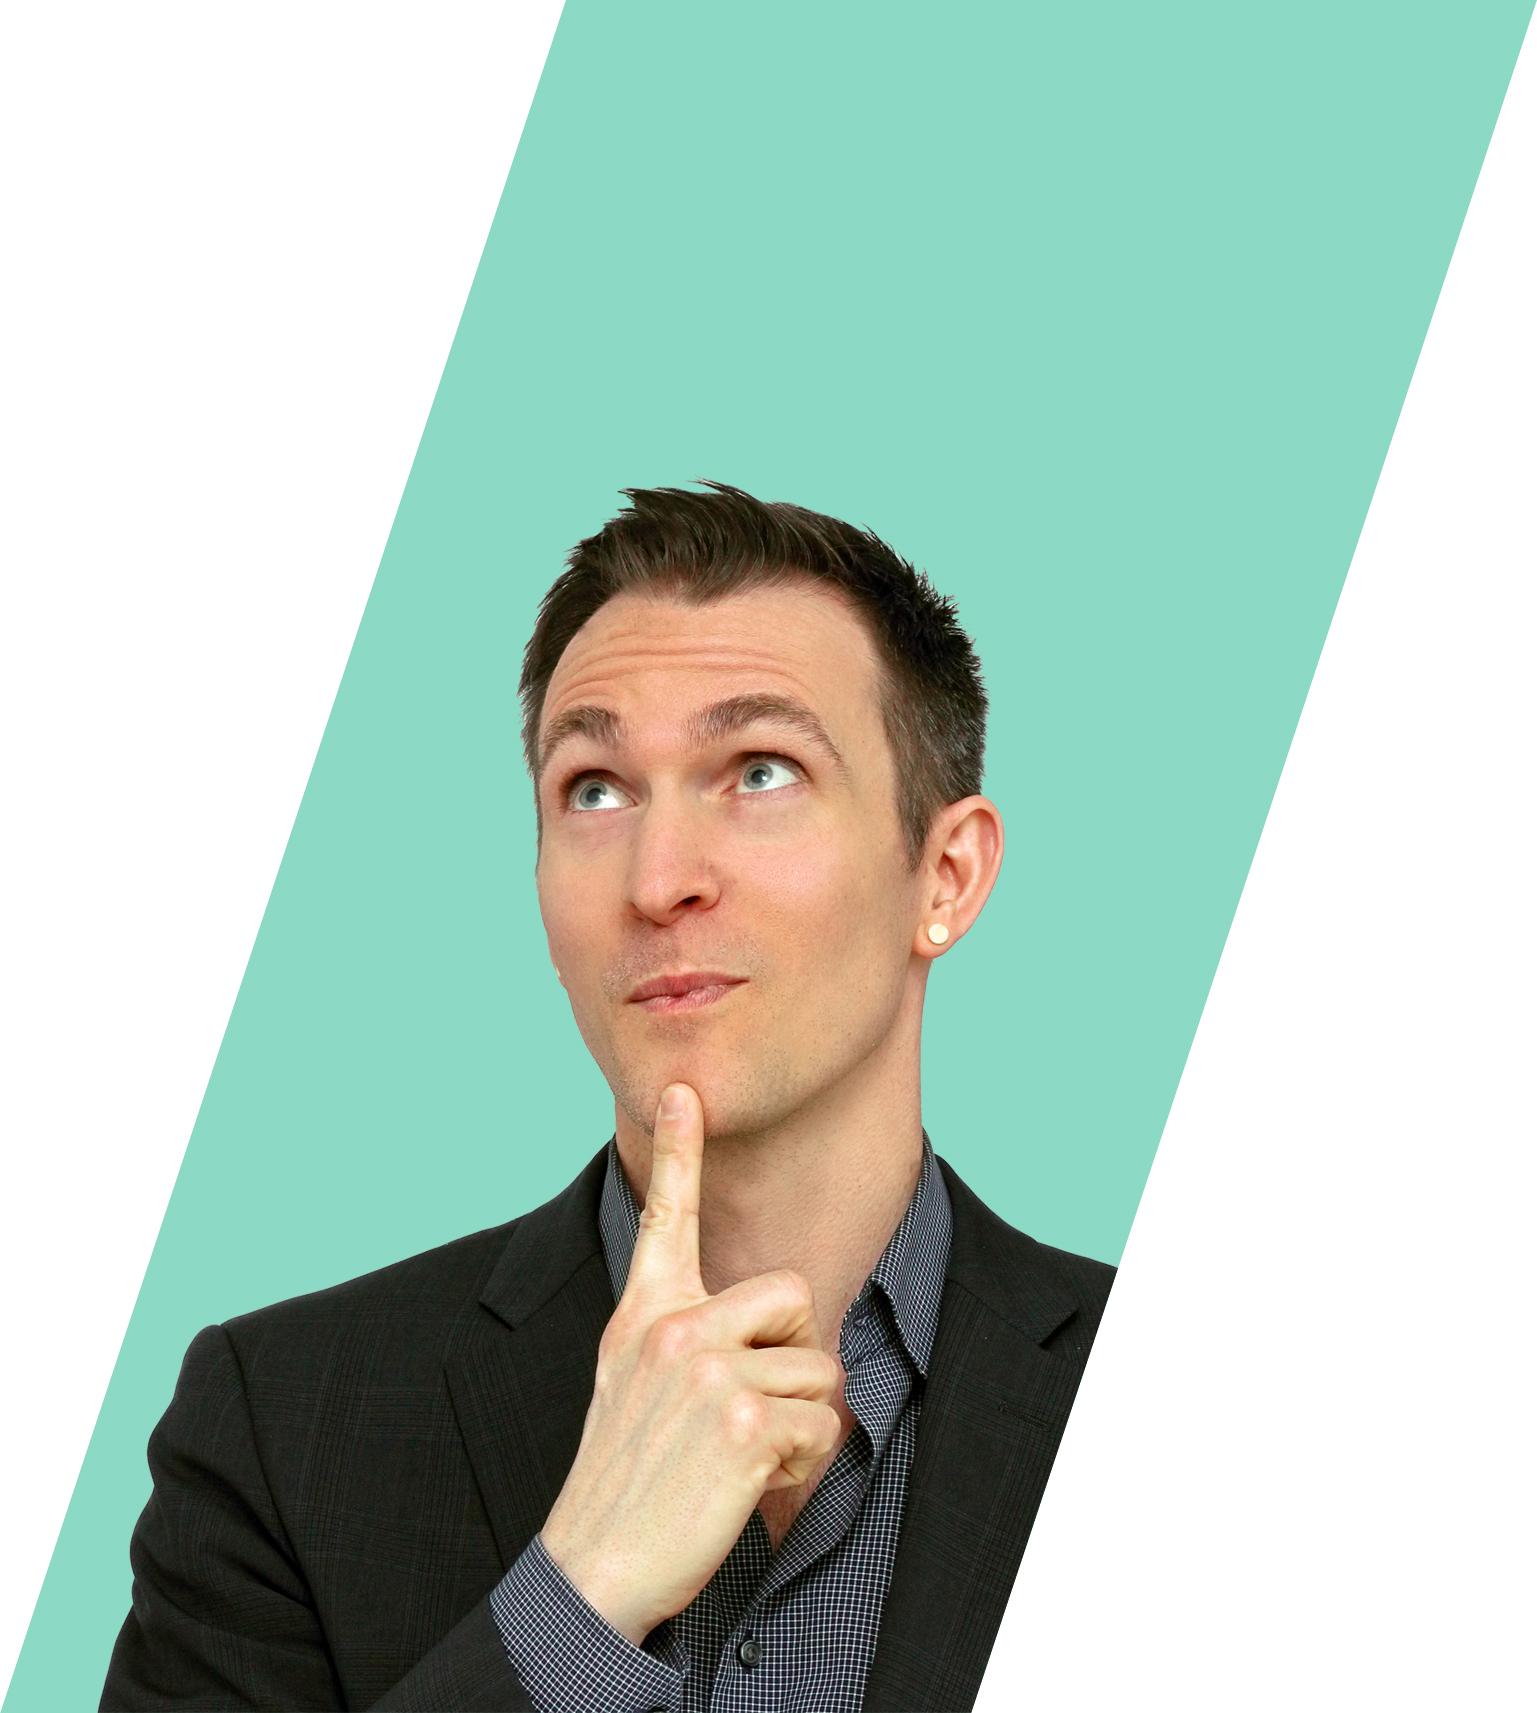 Jamie Jay's portfolio profile image